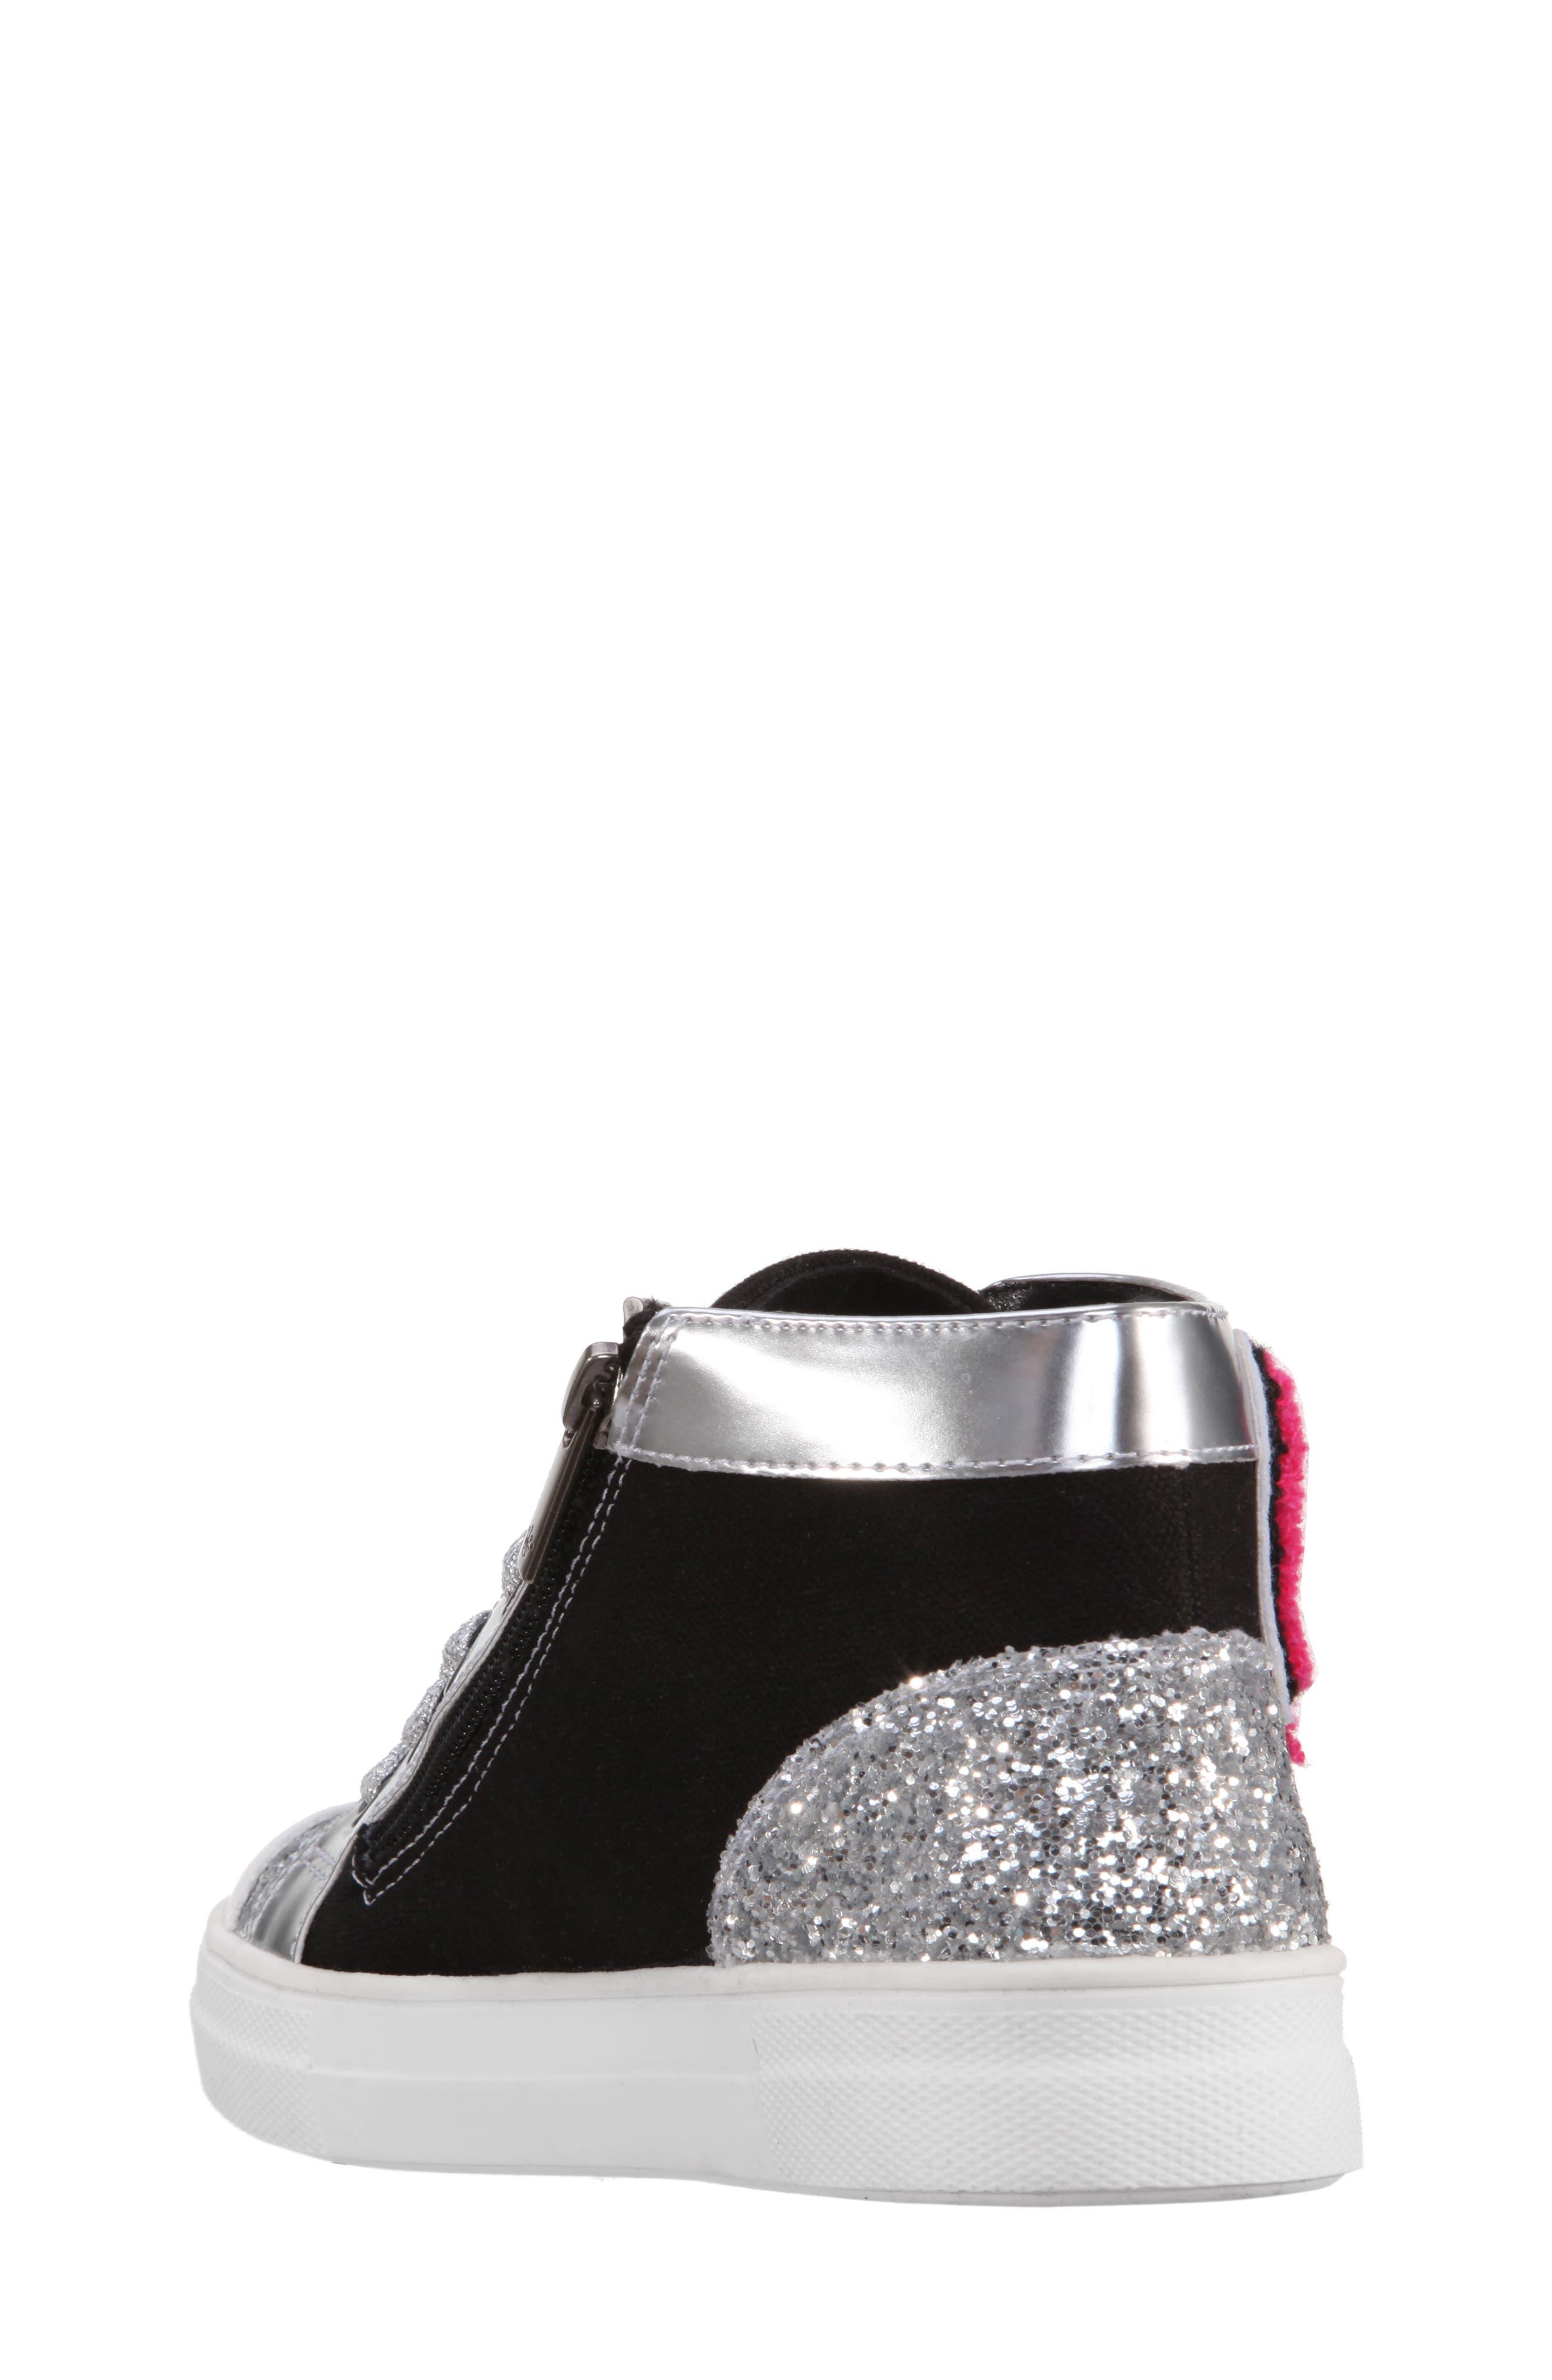 Alternate Image 2  - Nina Gita High Top Sneaker (Toddler, Little Kid & Big Kid)